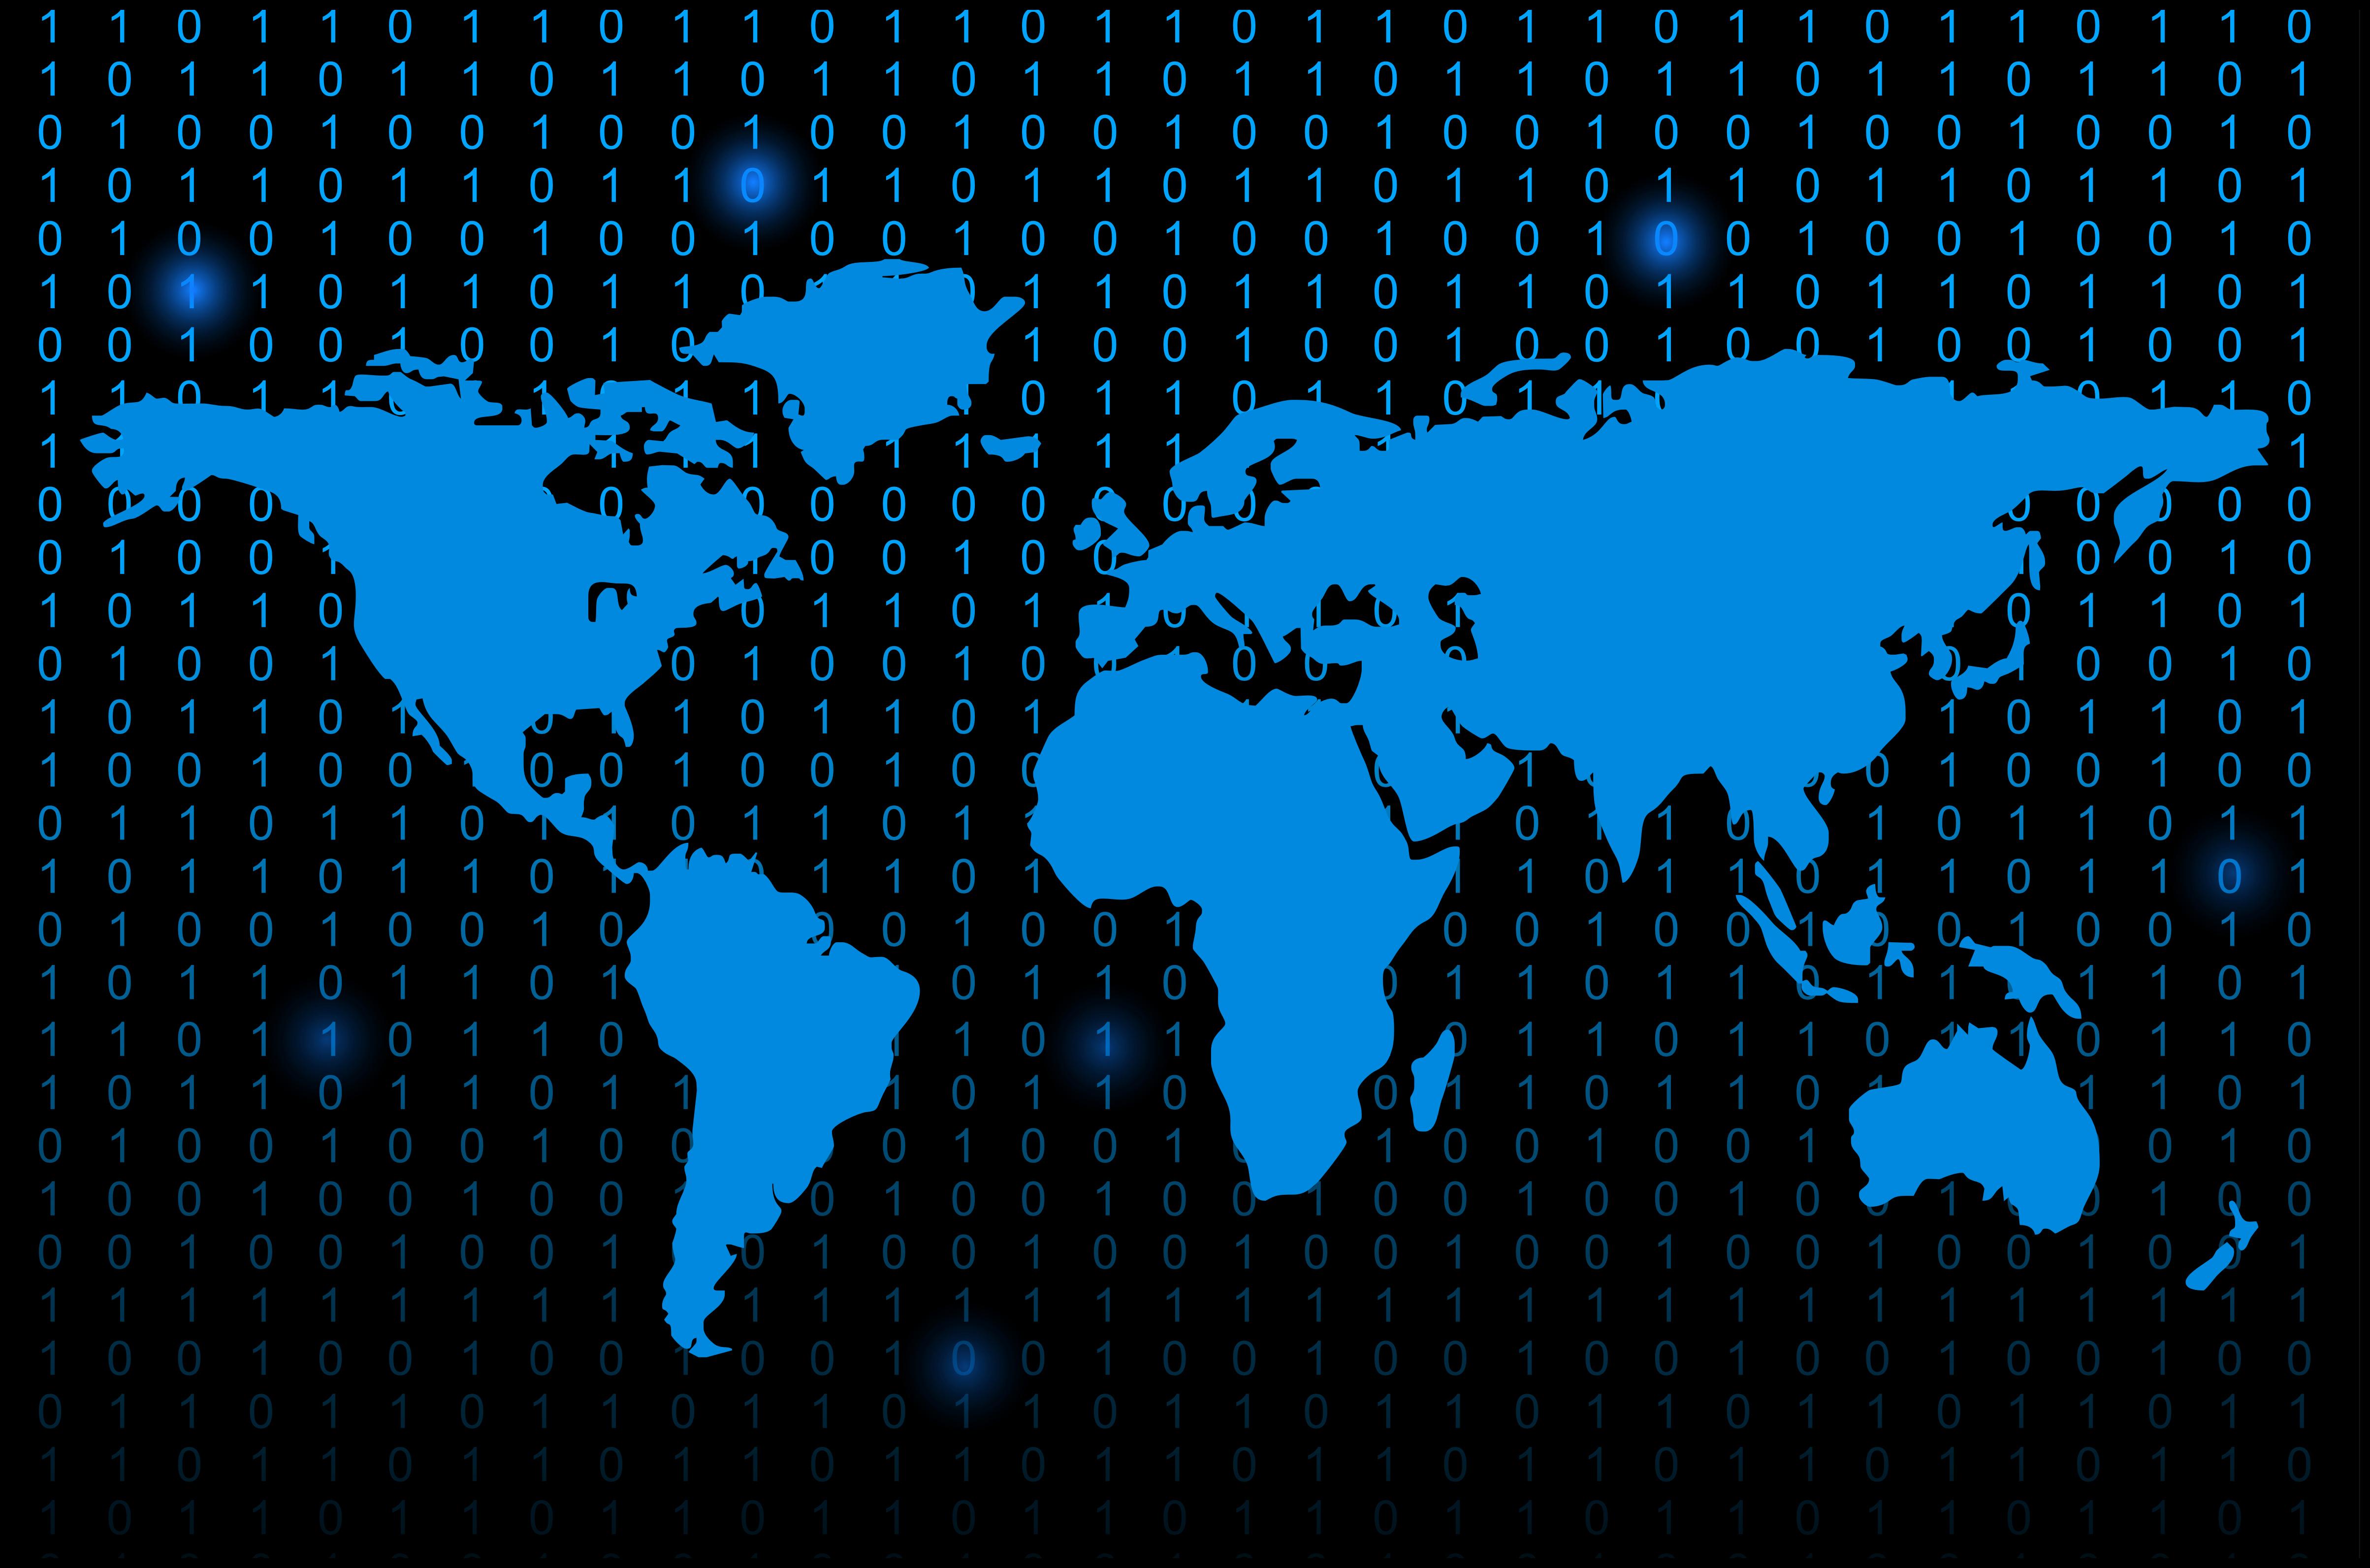 Big data veroveren de wetenschap